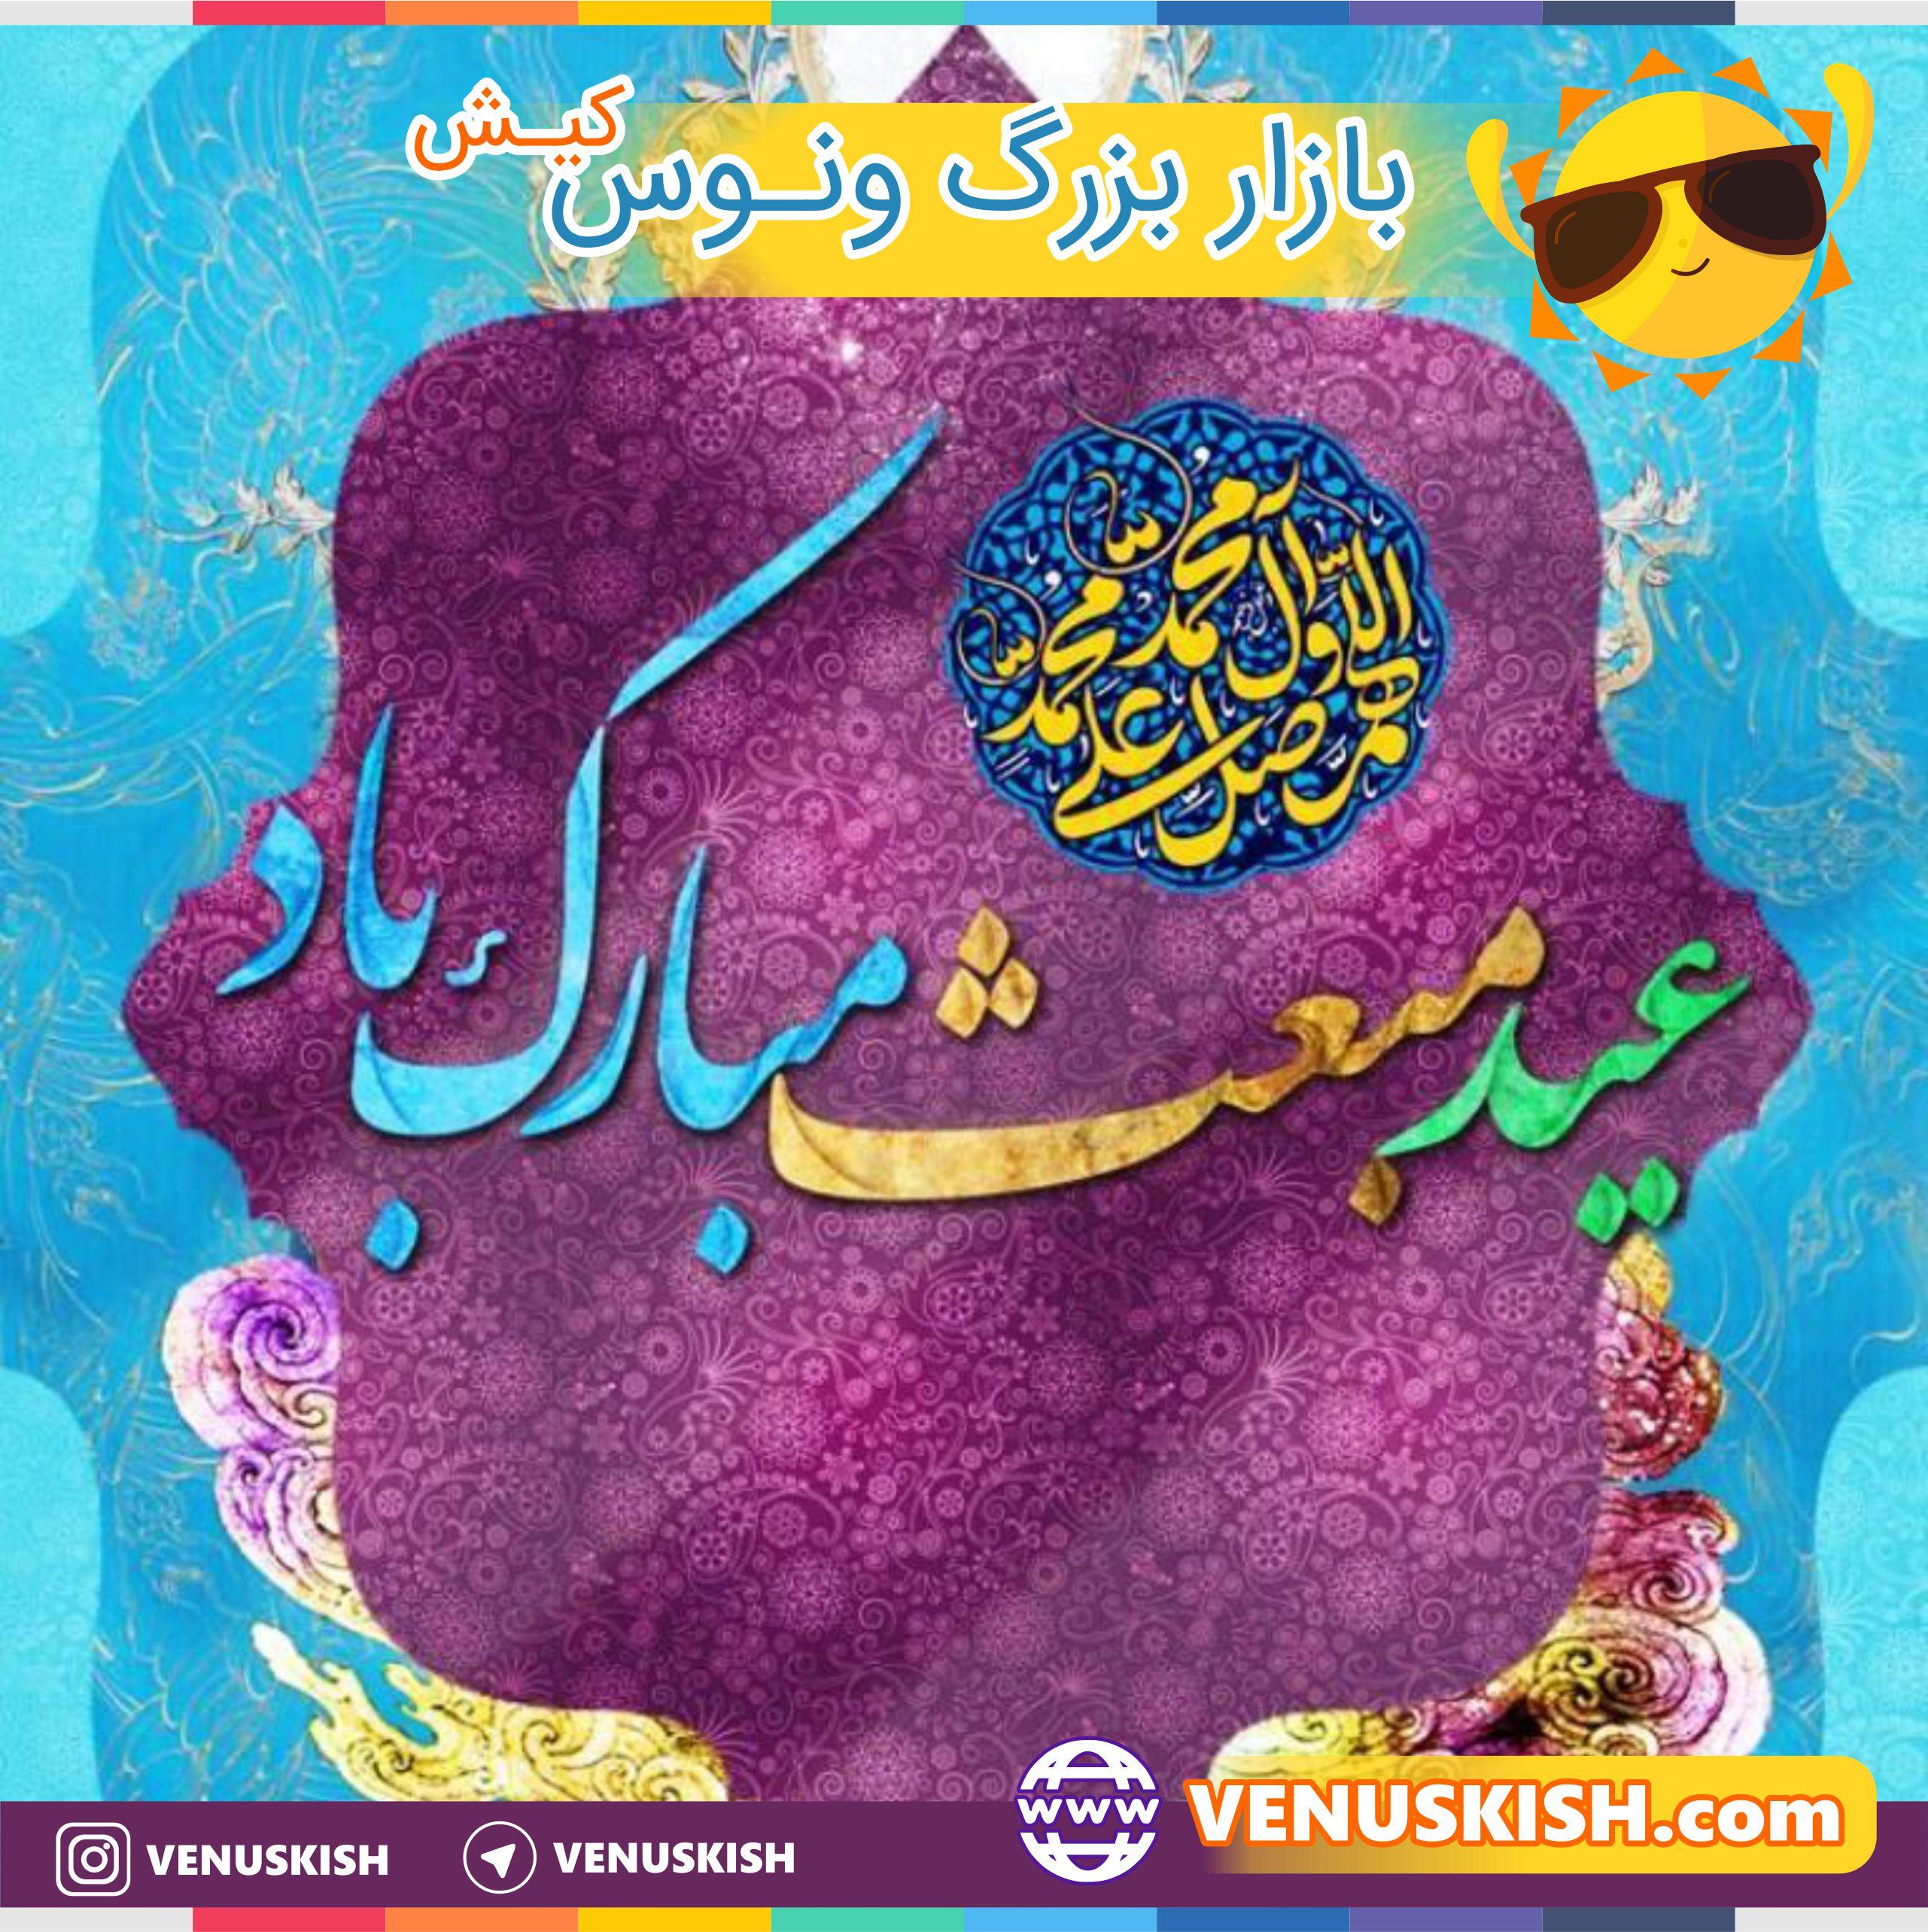 🌹بعثت پیامبر اکرم(ص) مبارک باد🌹